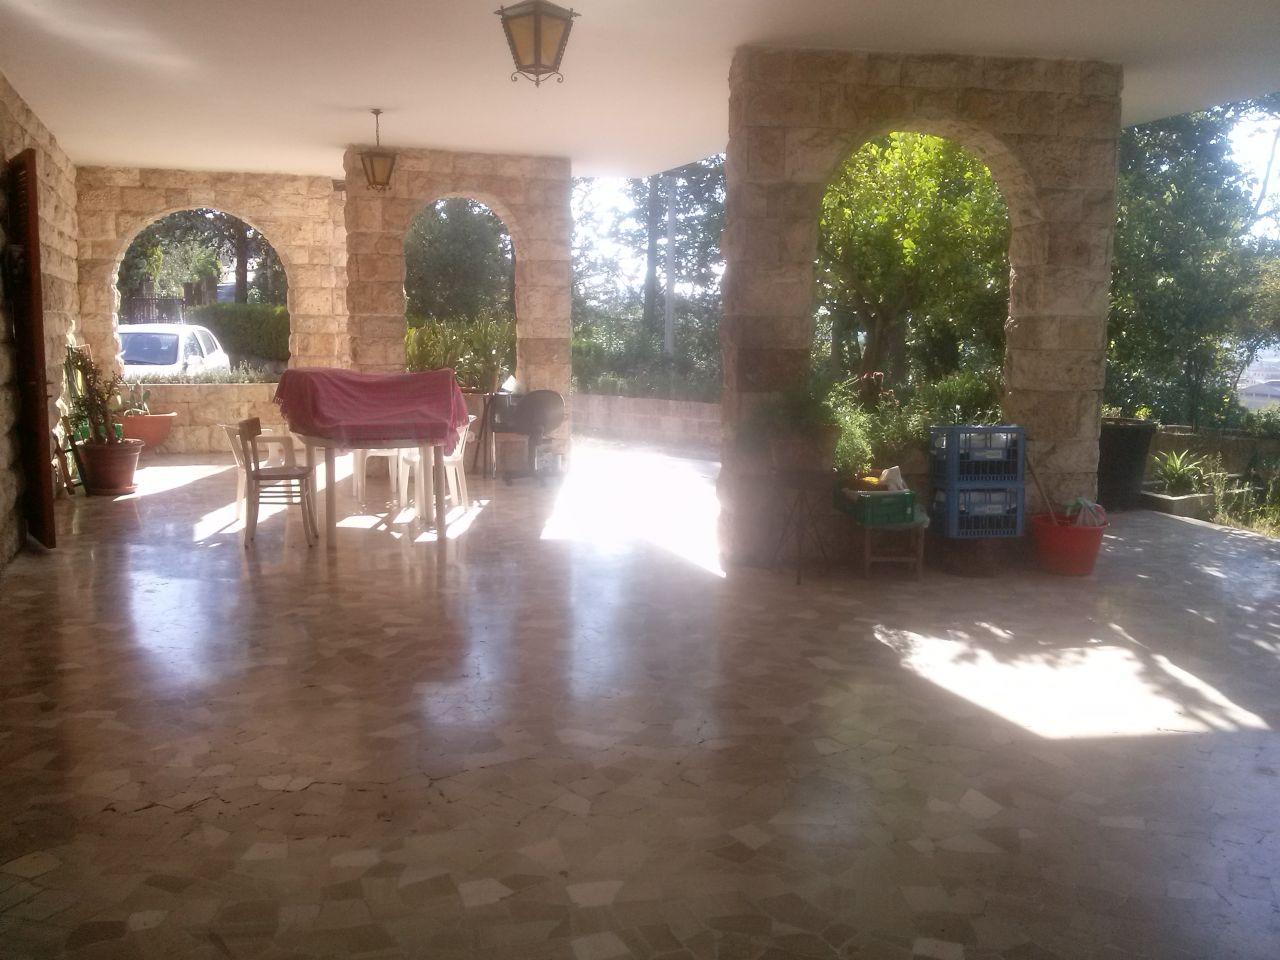 Villa in vendita a Ascoli Piceno, 9999 locali, zona Località: ZoneCollinari, prezzo € 500.000 | Cambio Casa.it